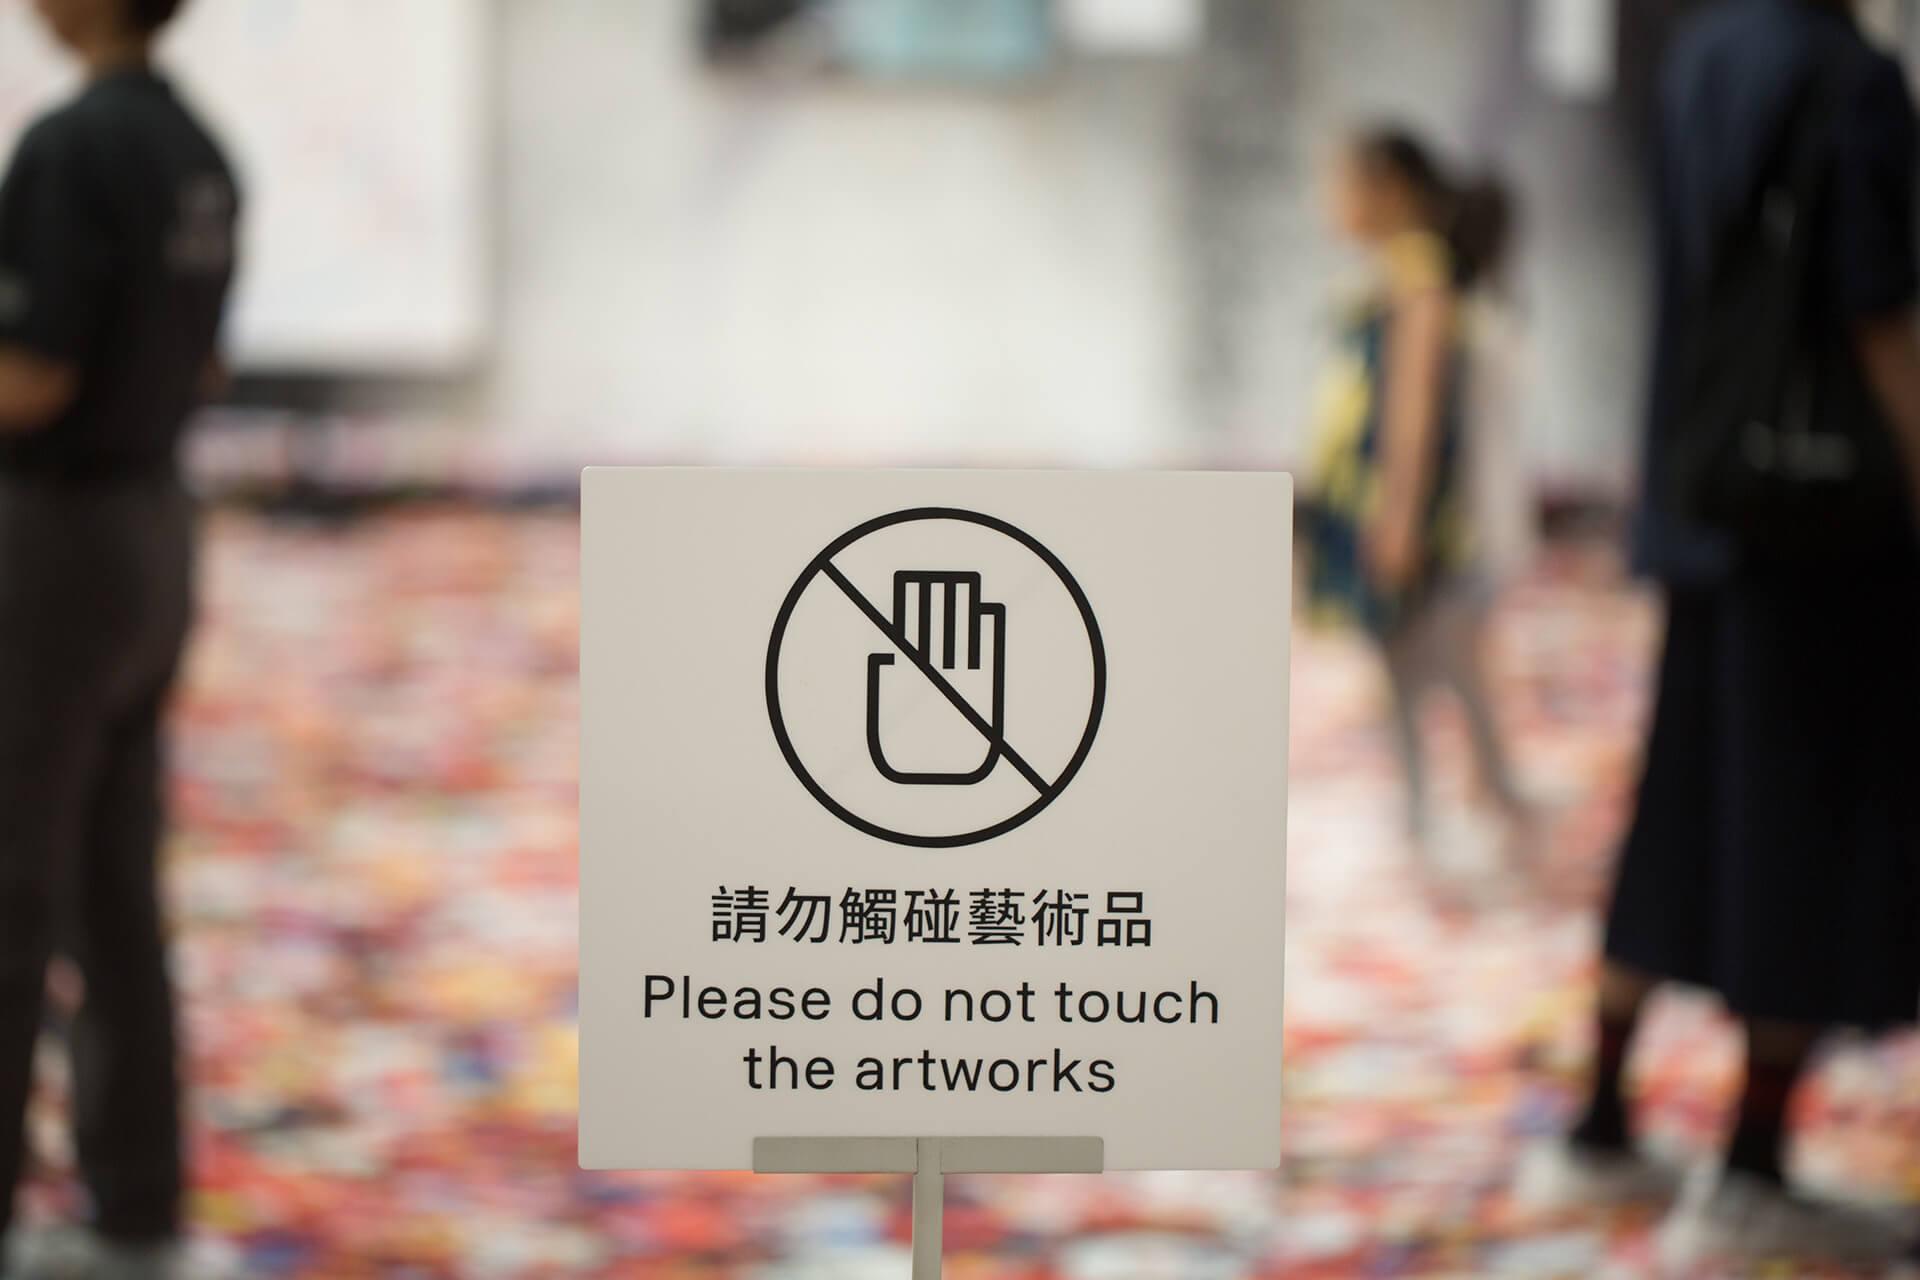 開館初期,大館當代美術館沒有展示「請勿觸碰藝術品」的標記,後來為了避免跟觀眾爭論,才把告示豎立在當眼位置。